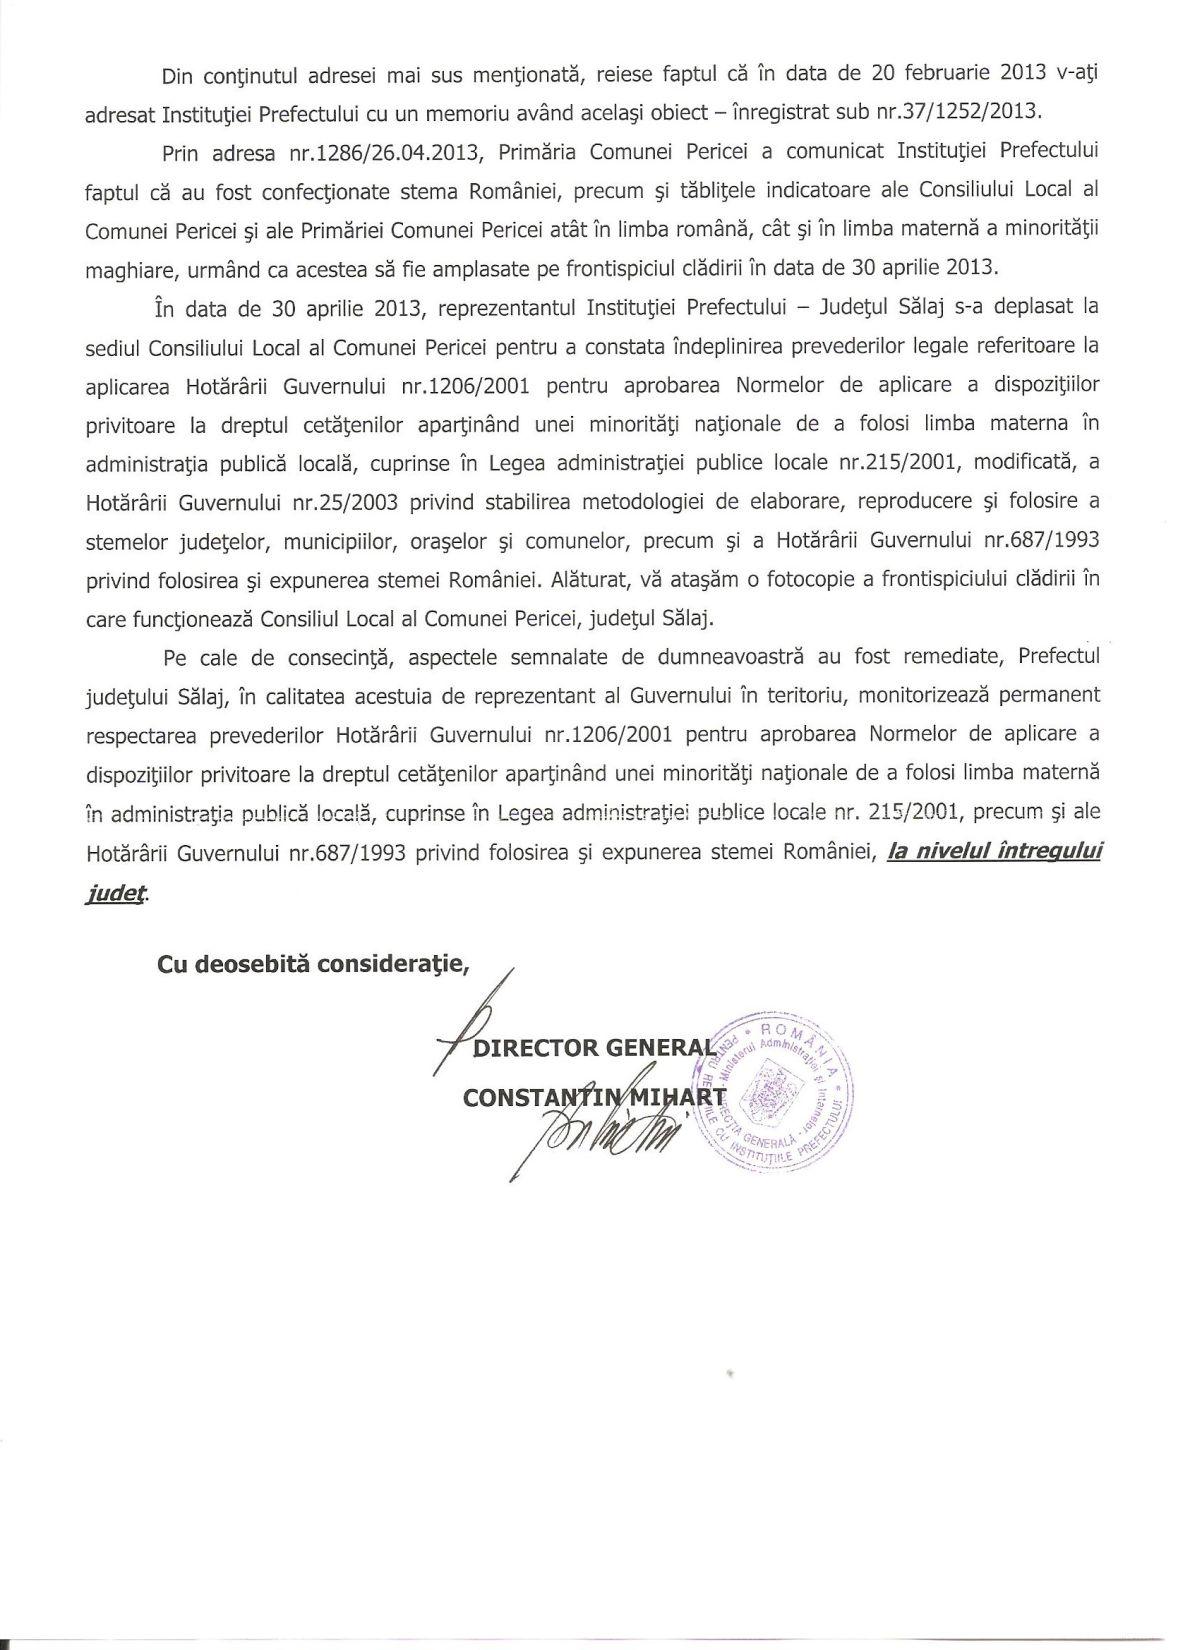 MAI steme Ungaria scoli Harghita Victor Ponta UDMR Ungaria Mare 2